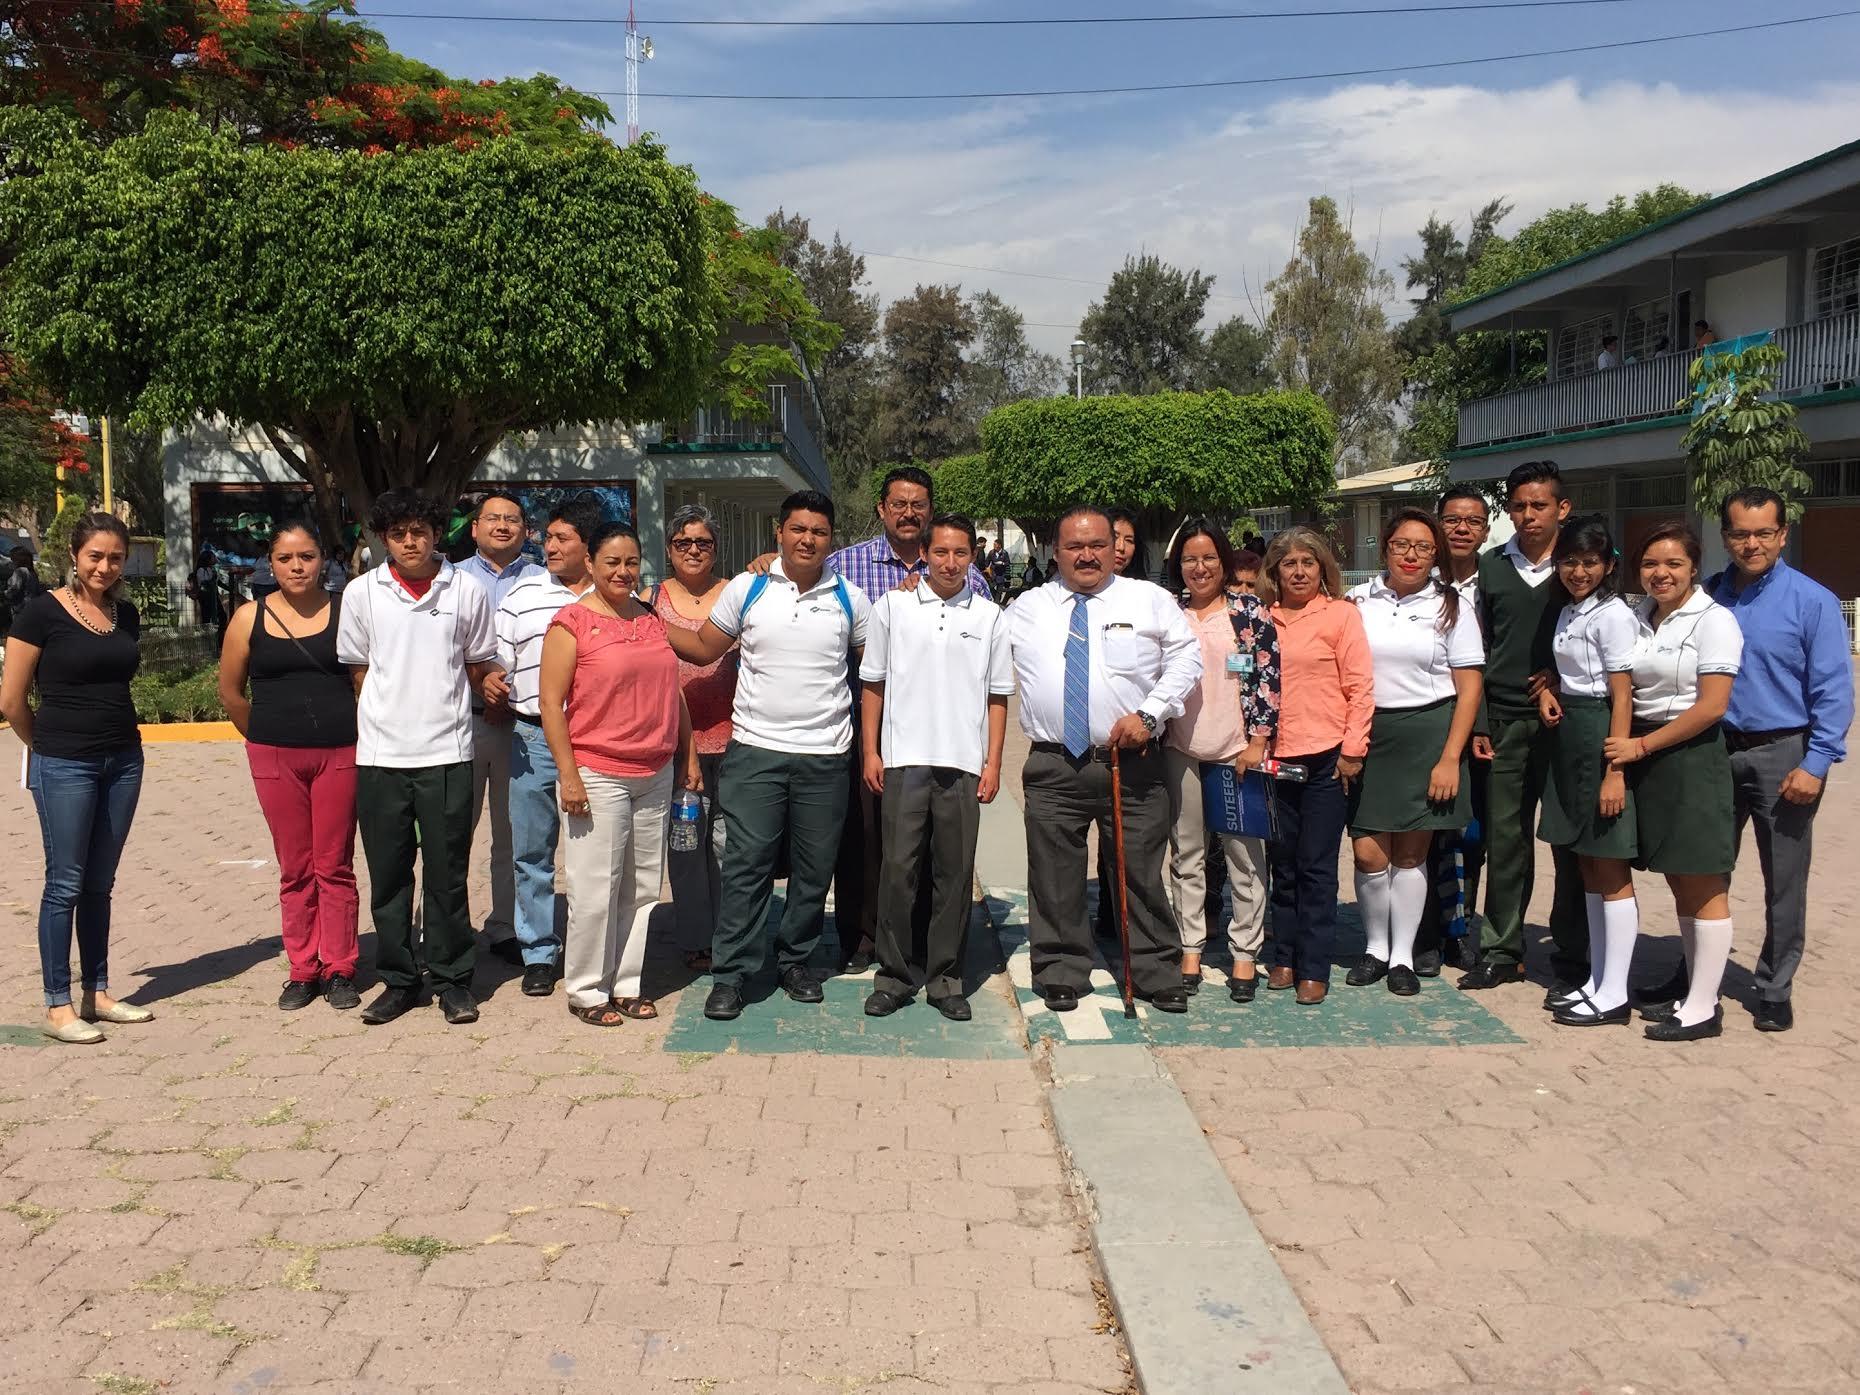 El director del Conalep, Gerardo Ramírez junto con todos los docentes, desarrollan sus actividades con profesionalismo para dar egresados profesionales, con valores y hombres y mujeres de bien.